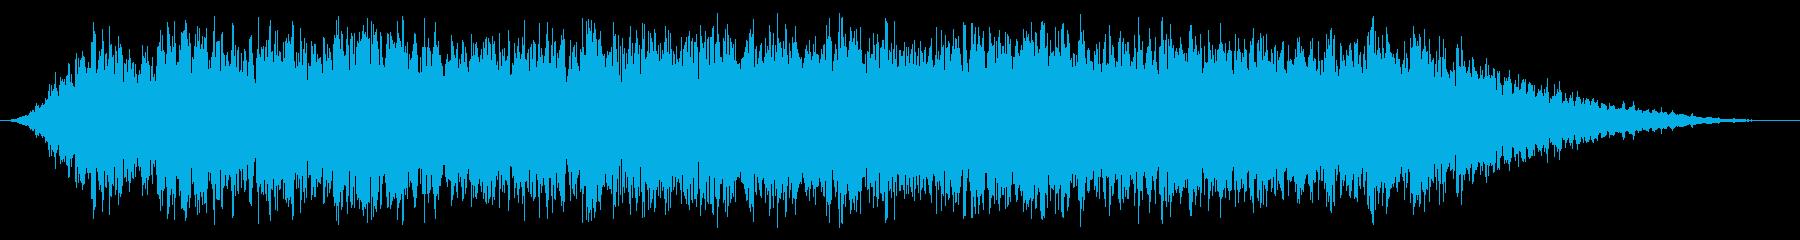 スローロアシンセライズの再生済みの波形